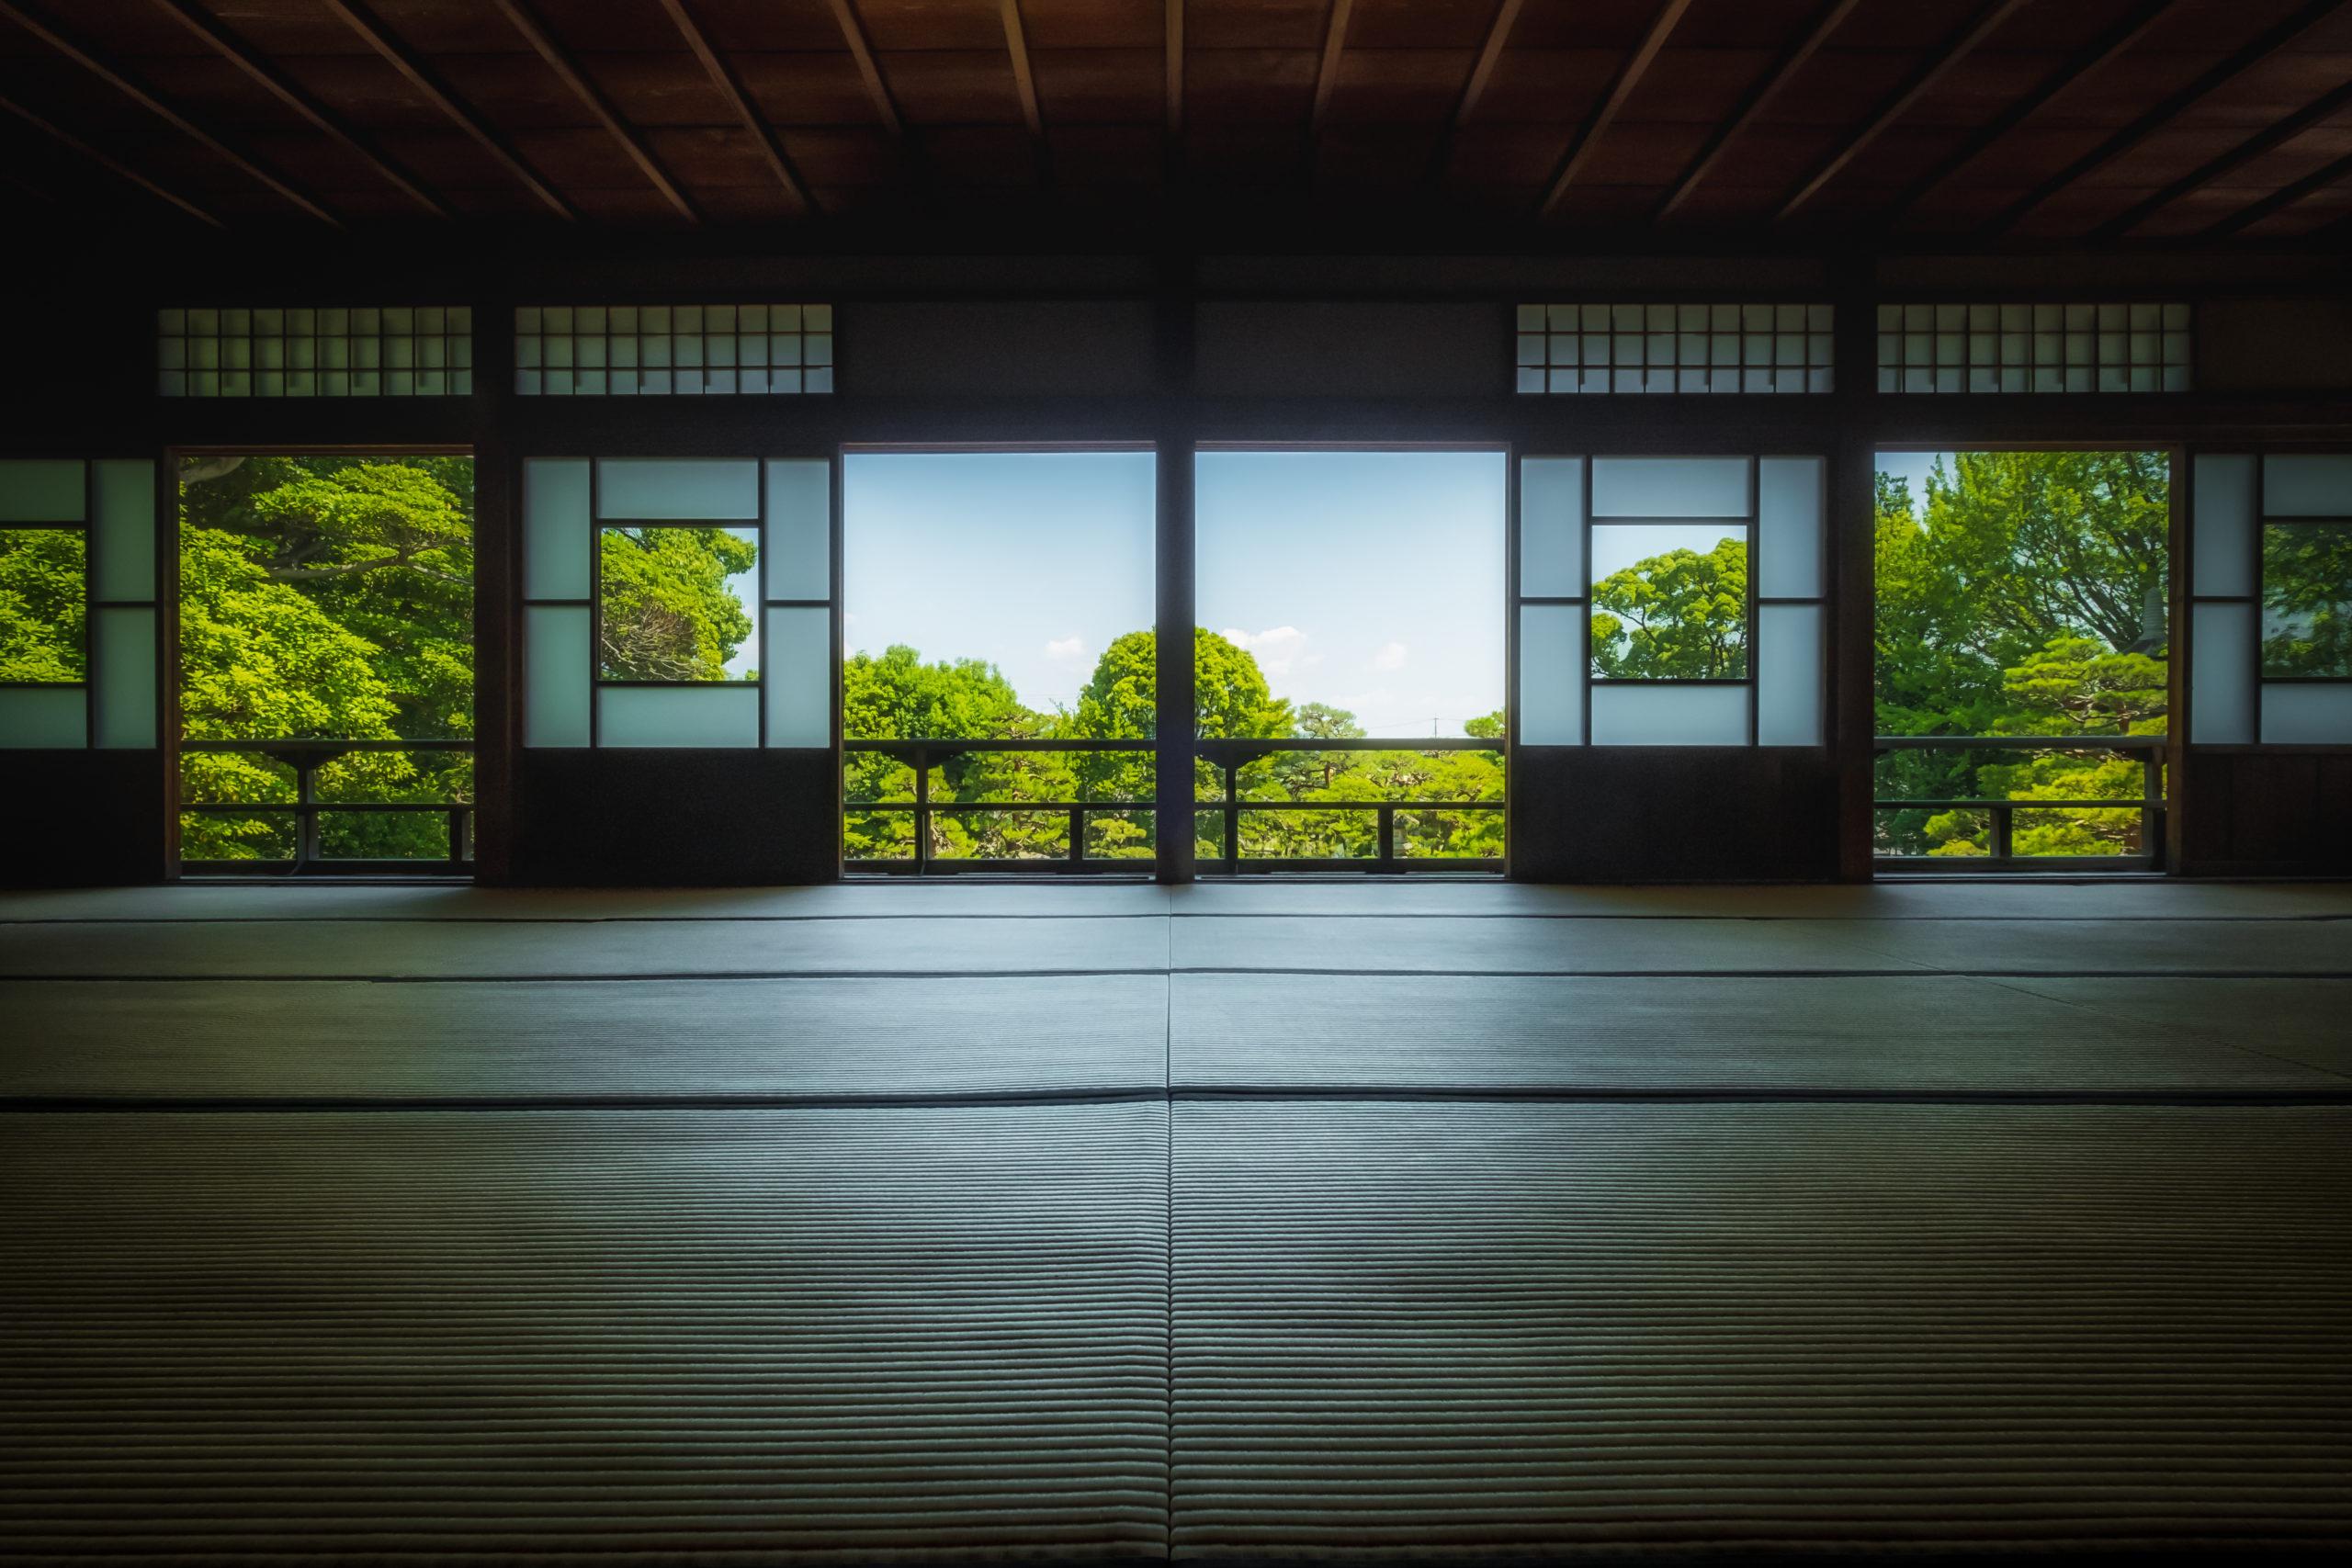 慶雲館(滋賀県長浜市)  施設内観撮影の画像